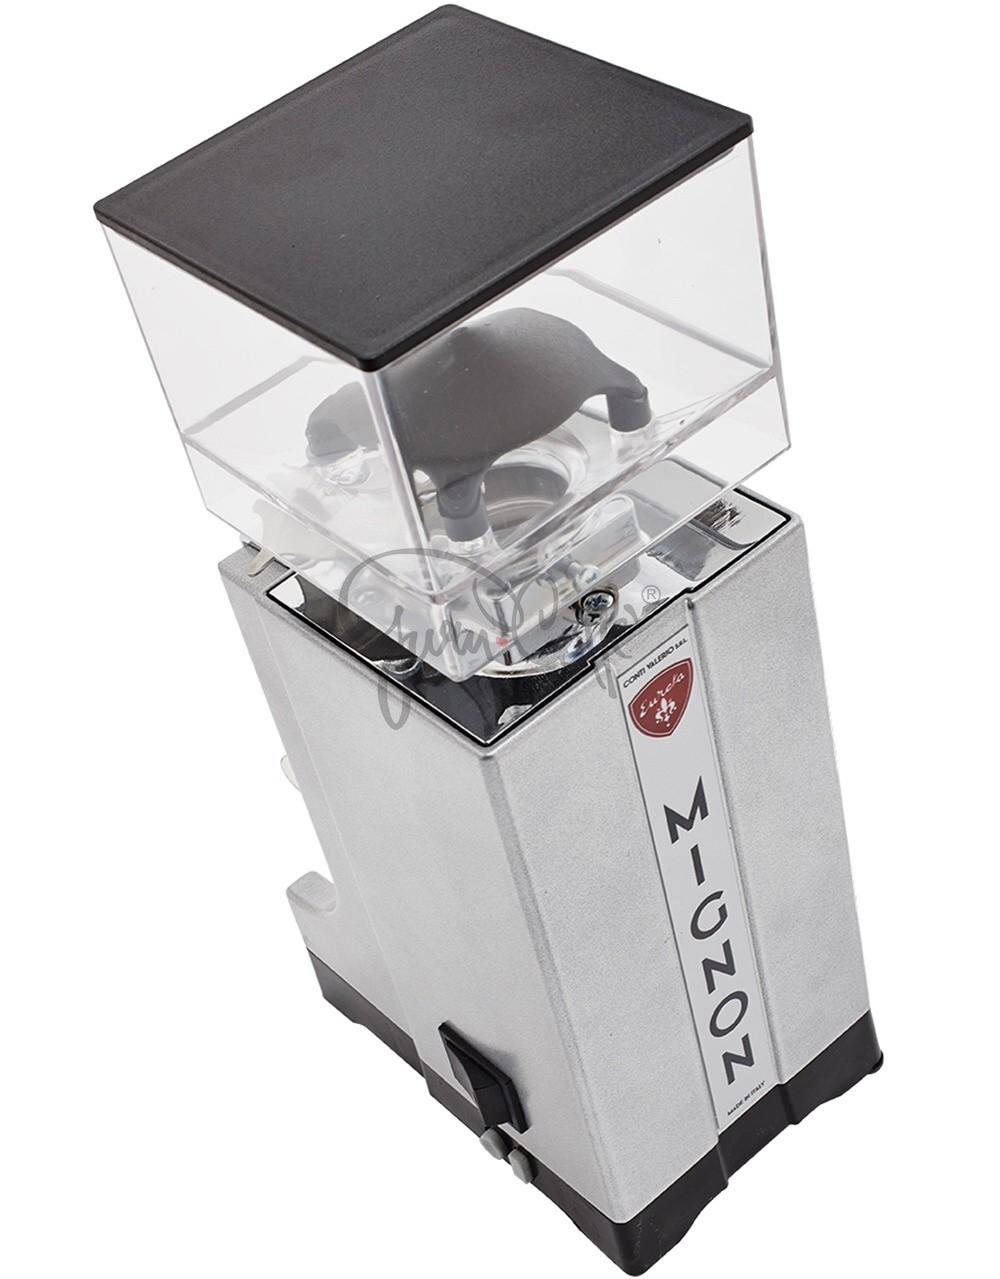 EUREKA Mignon Instantaneo - profesionální přímý mlýnek na kávu - barva Černá Nero Opaco, verze manuál bez časovače